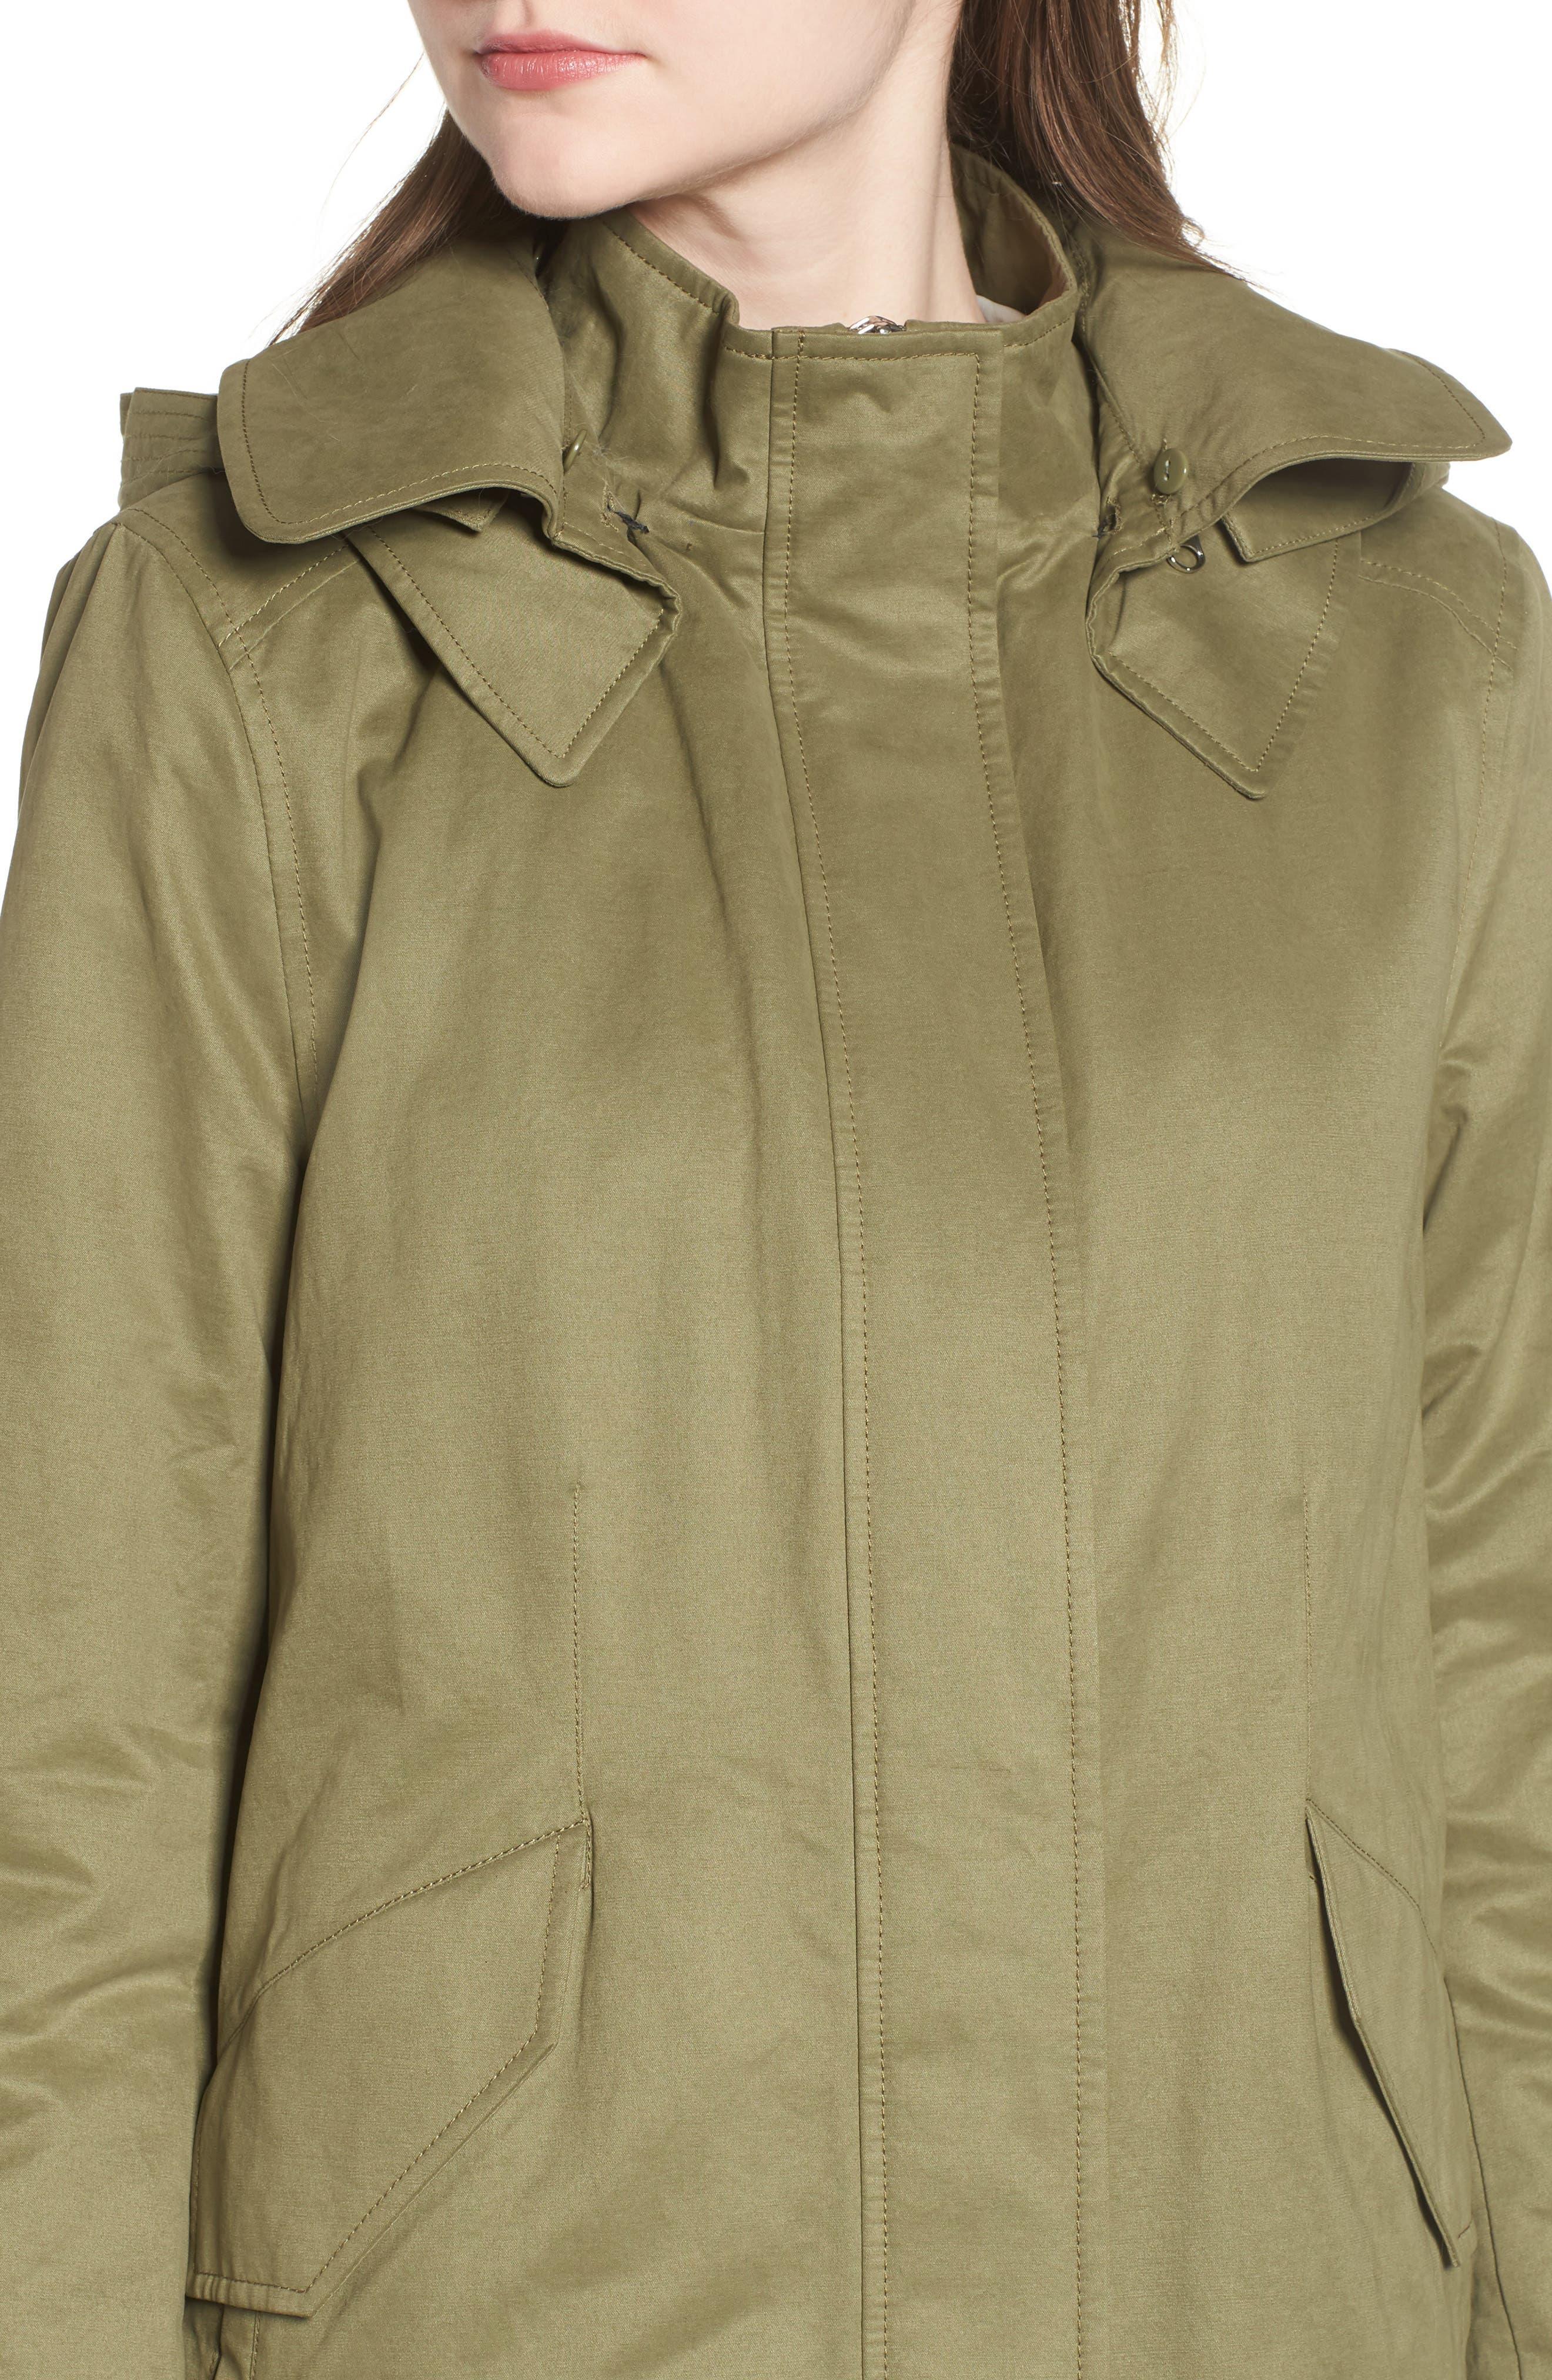 DEREK LAM 10 CROSBY, Genuine Fox Fur Trim Cotton Blend Parka, Alternate thumbnail 5, color, LODEN